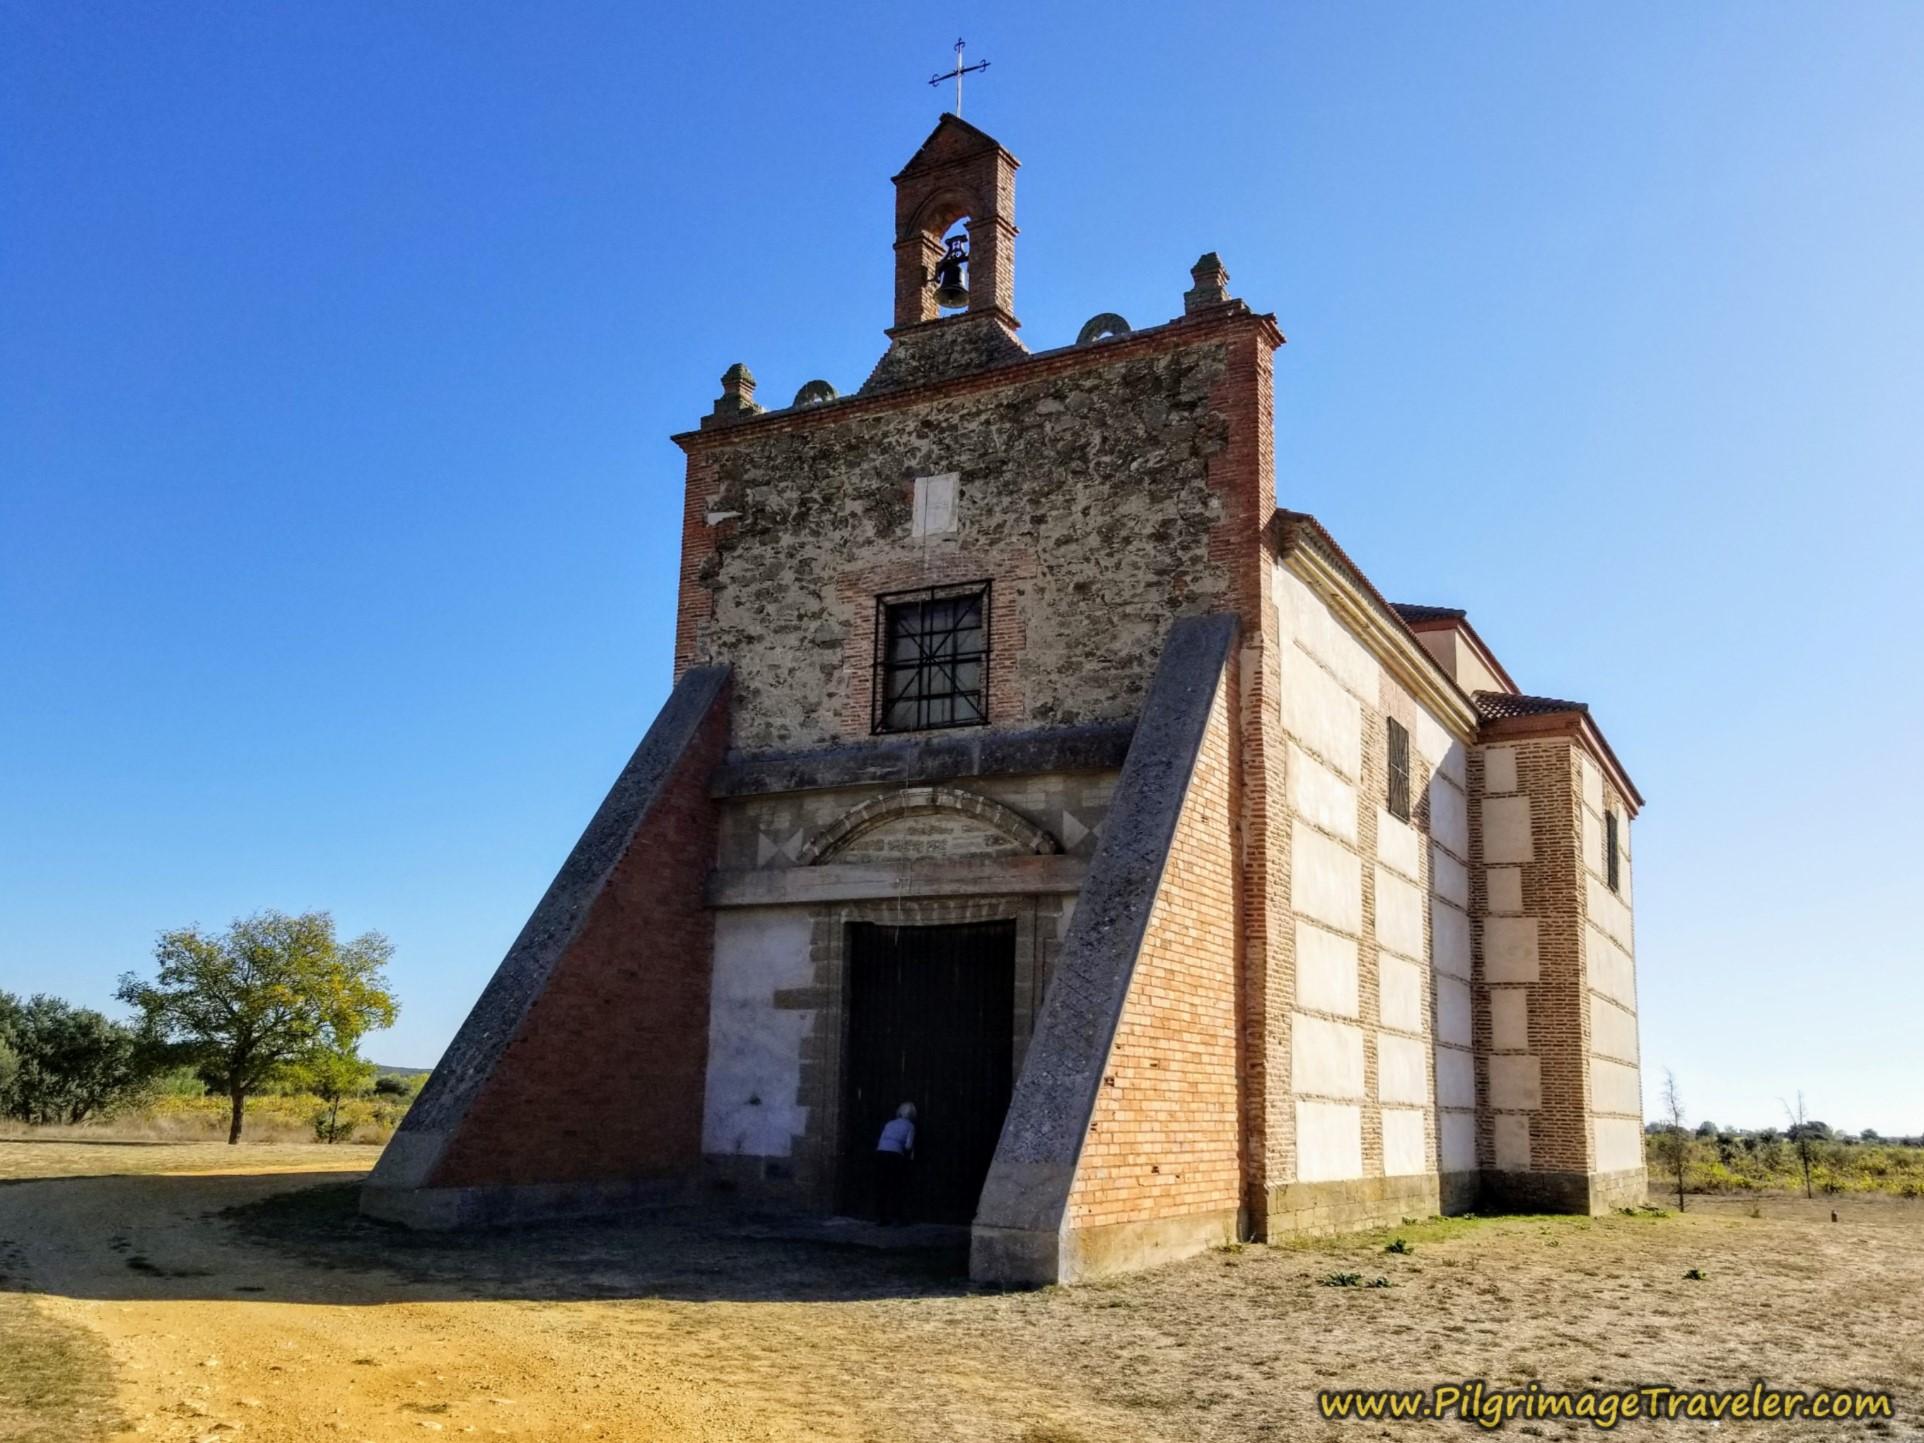 Ermita Nuestra Señora de Agavanzal on the Camino Sanabrés from Santa Marta de Tera to Rionegro del Puente